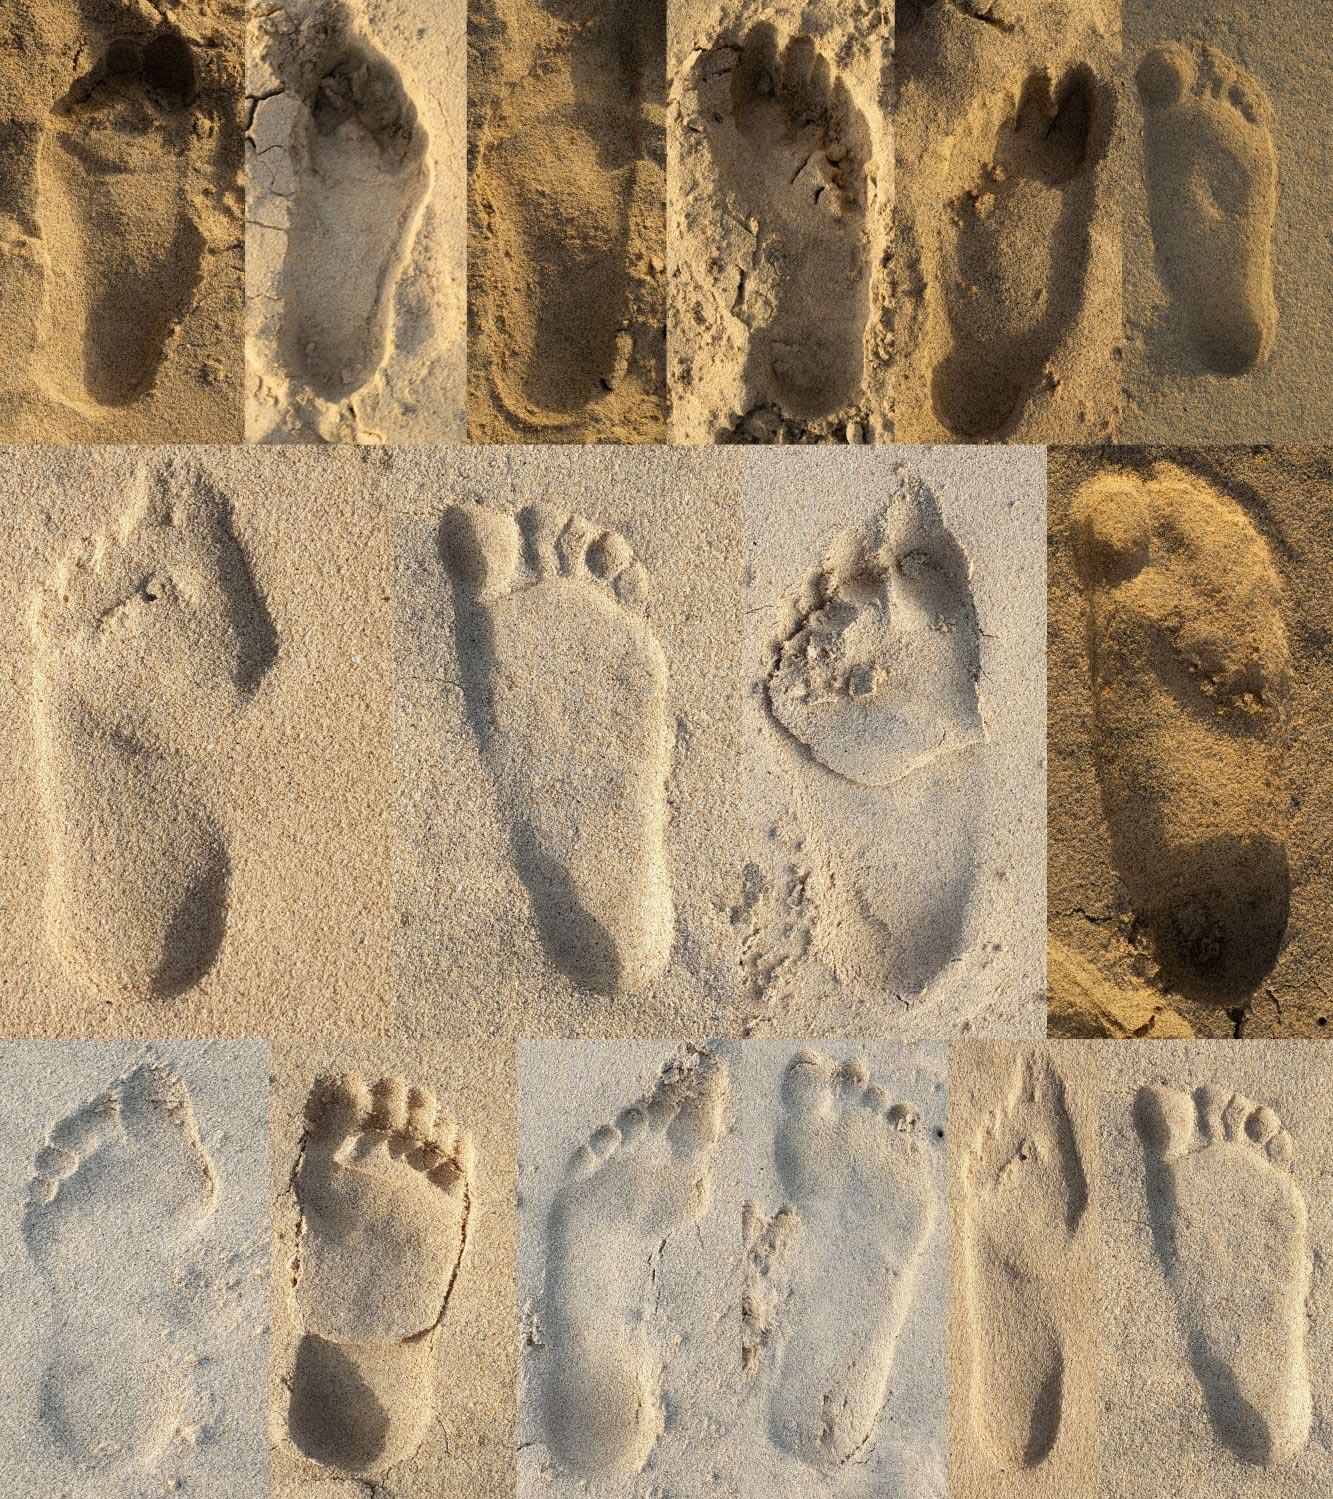 Man sieht eine Kollage aus verschiedenen menschlichen Fußabdrücken im Sand.